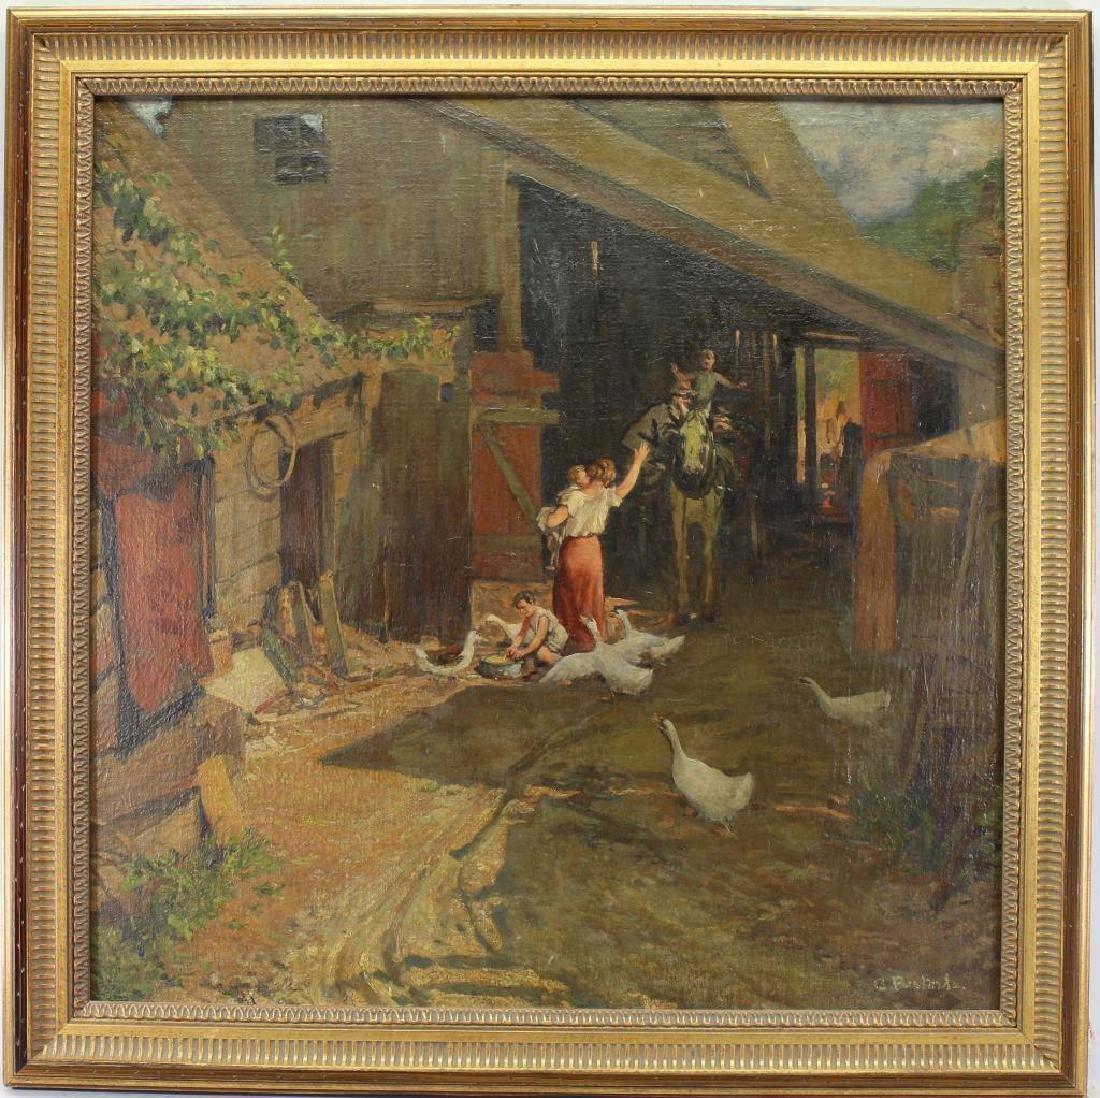 Atillo Pusterla (American, Italy, 1862 - 1941)